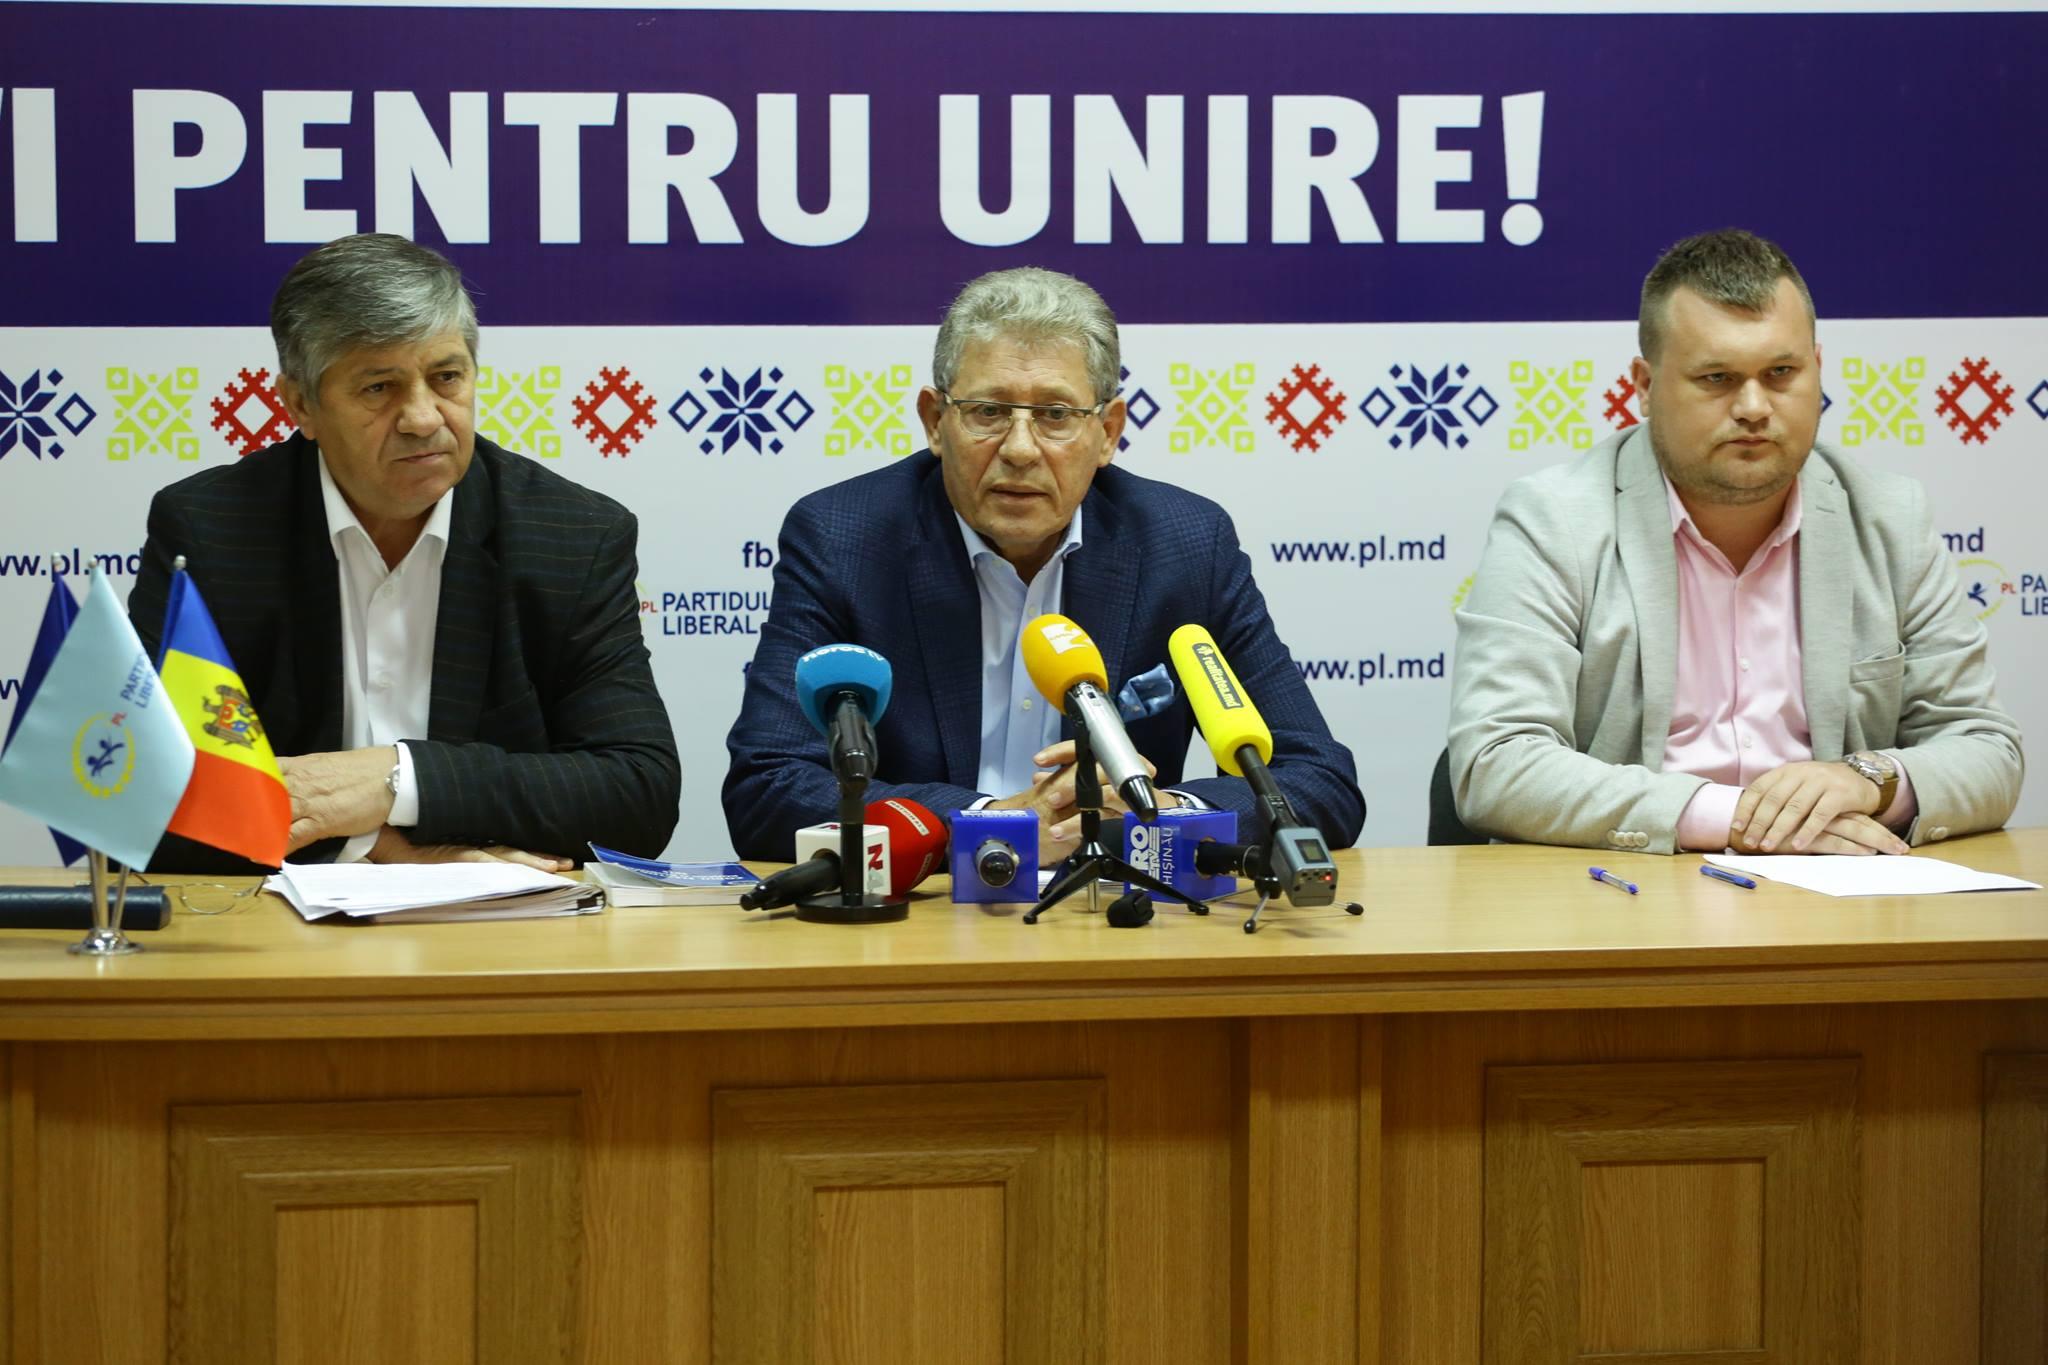 Liberalii iau atitudine! Află care e poziția lor referitor la referendumul din mun. Chișinău!